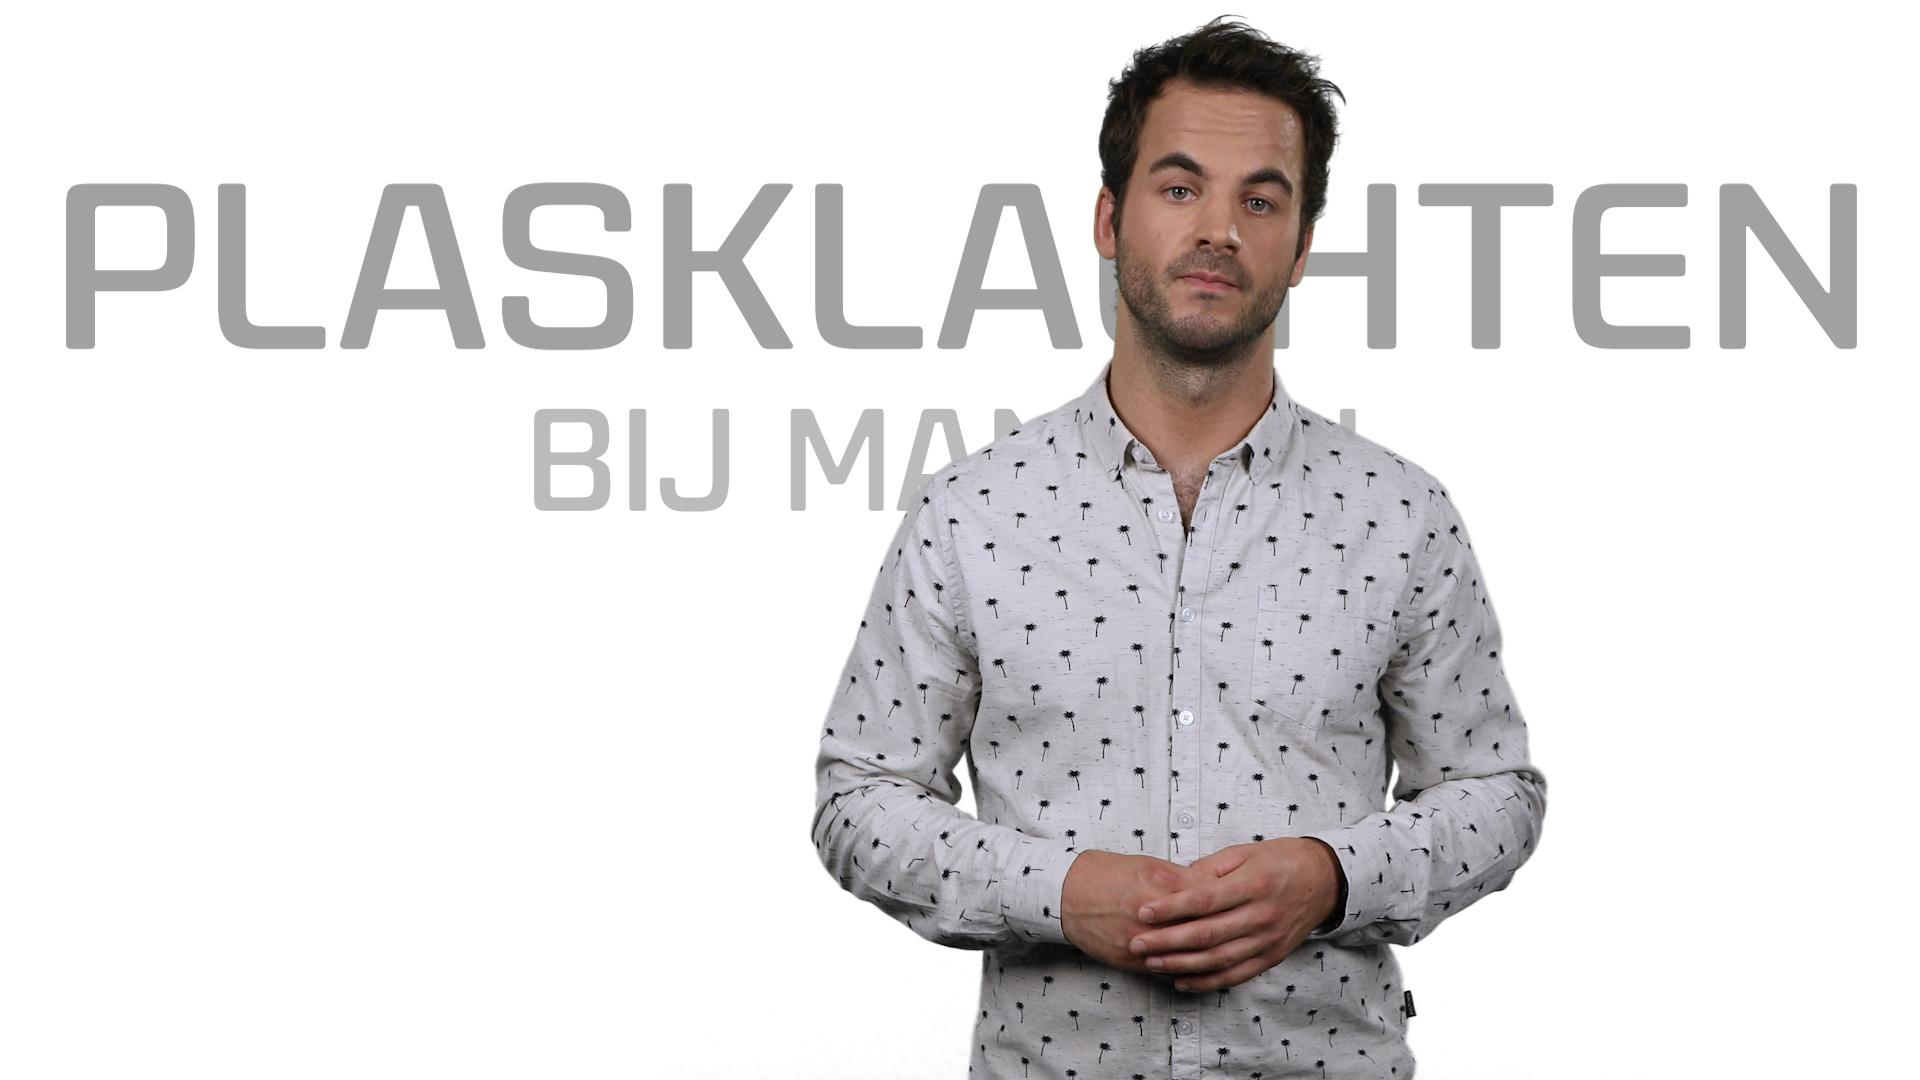 Bekijk de video: Plasklachten bij mannen